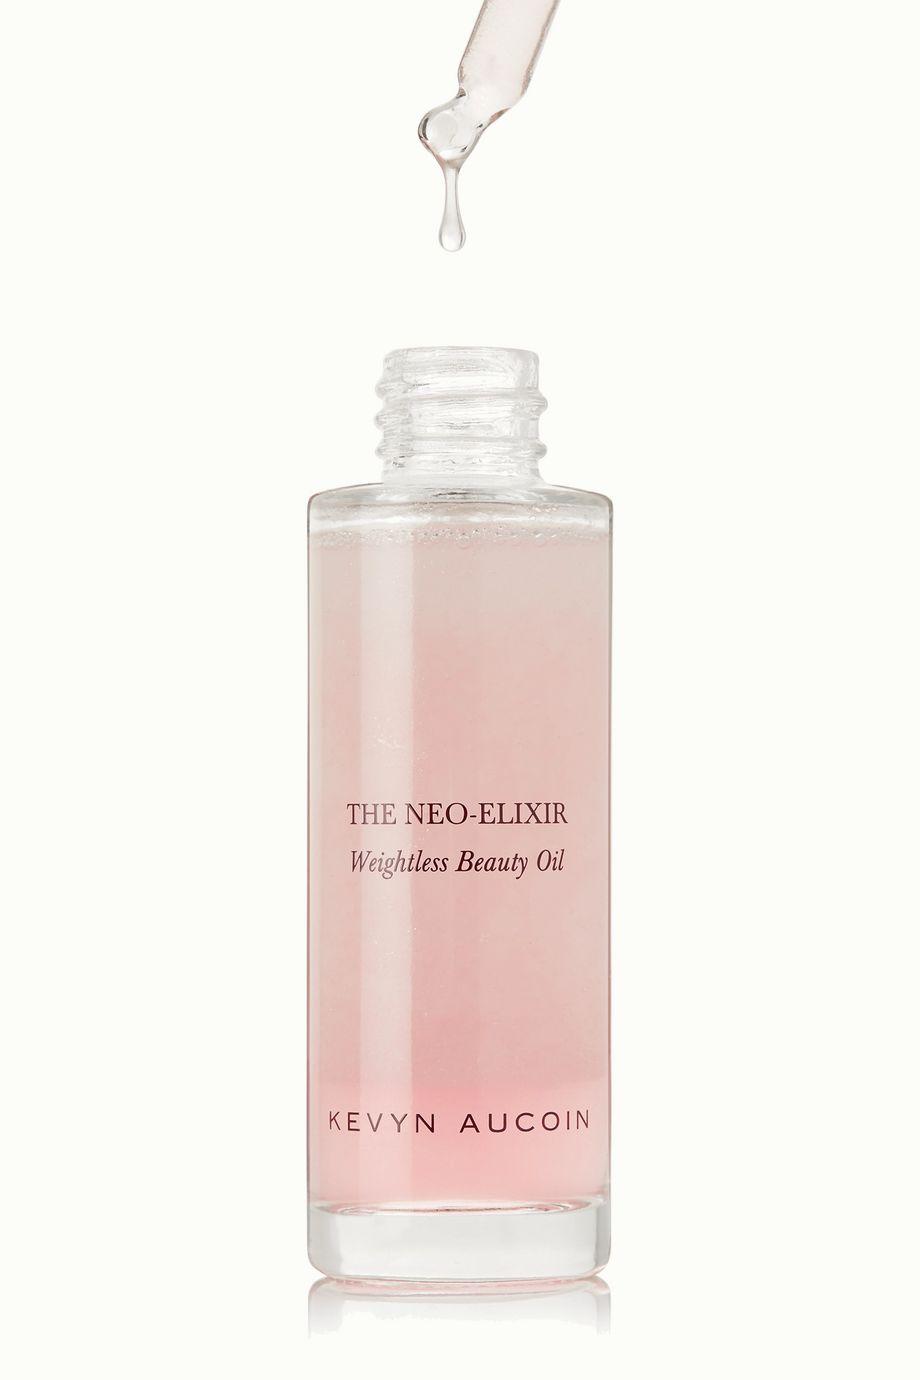 Kevyn Aucoin The Neo Elixir Weightless Beauty Oil, 28ml